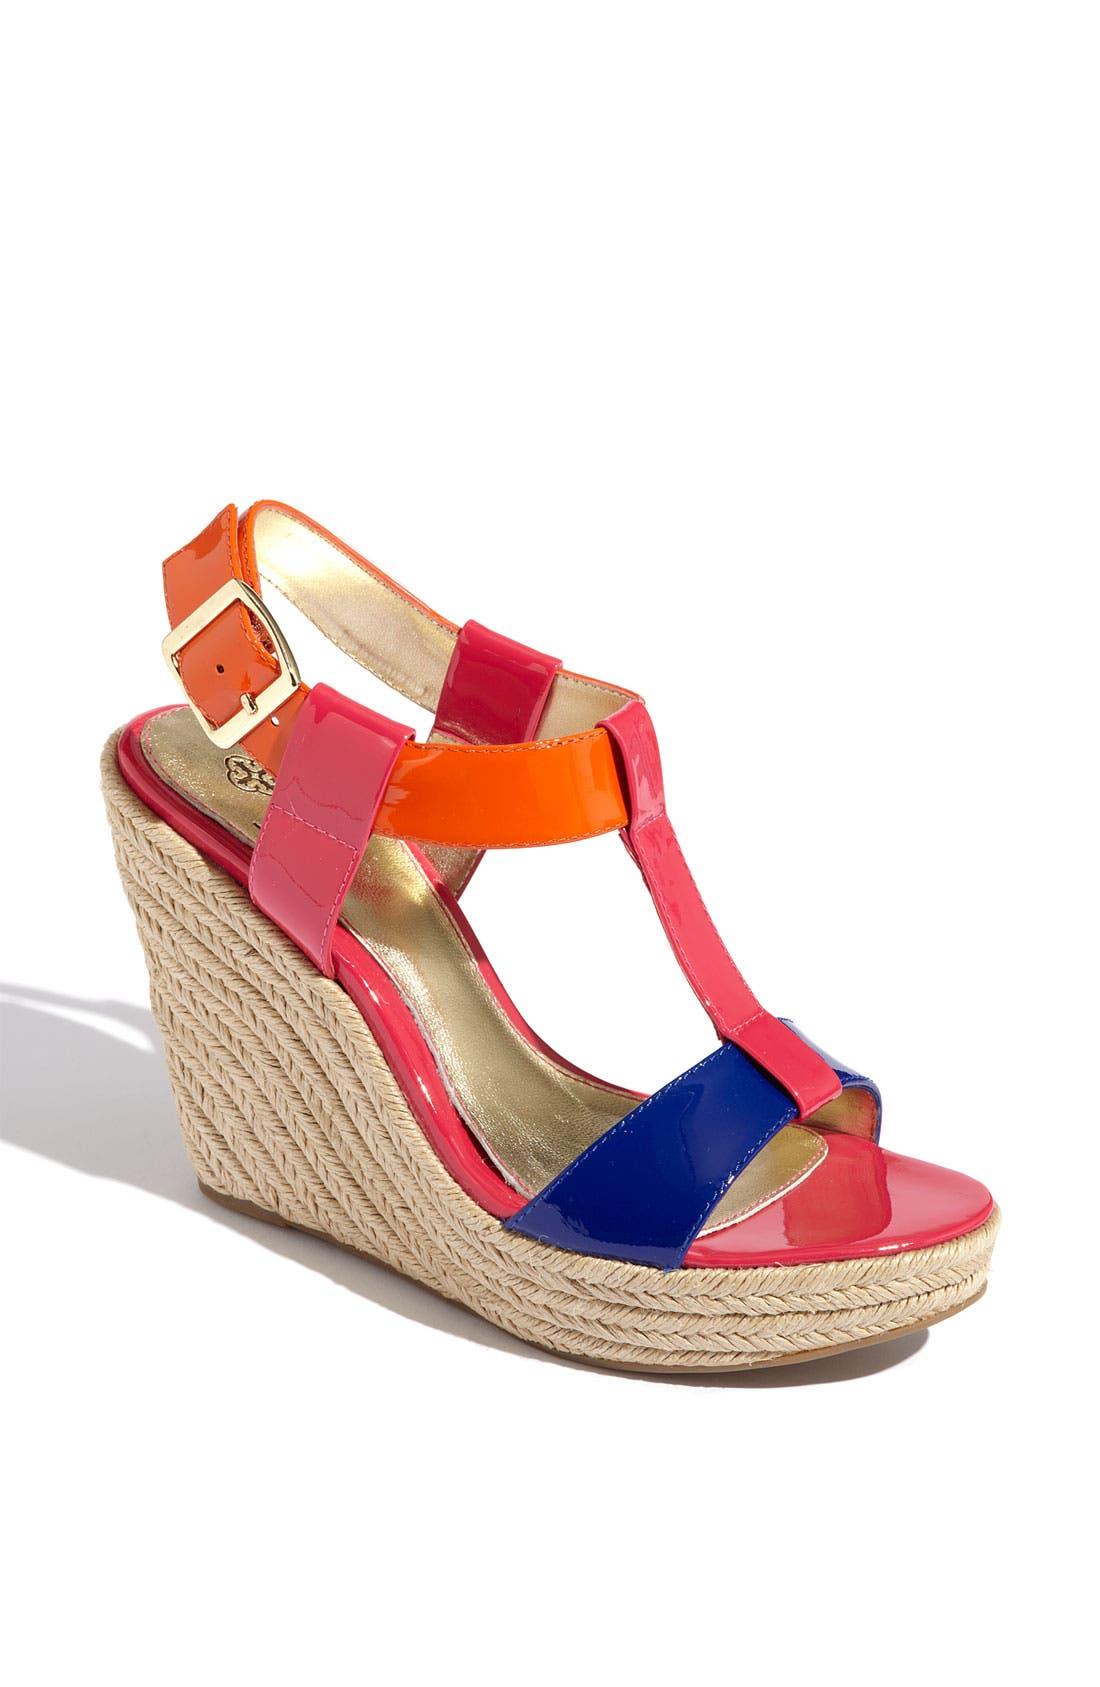 Main Image - Isolá 'Olencia' Wedge Sandal